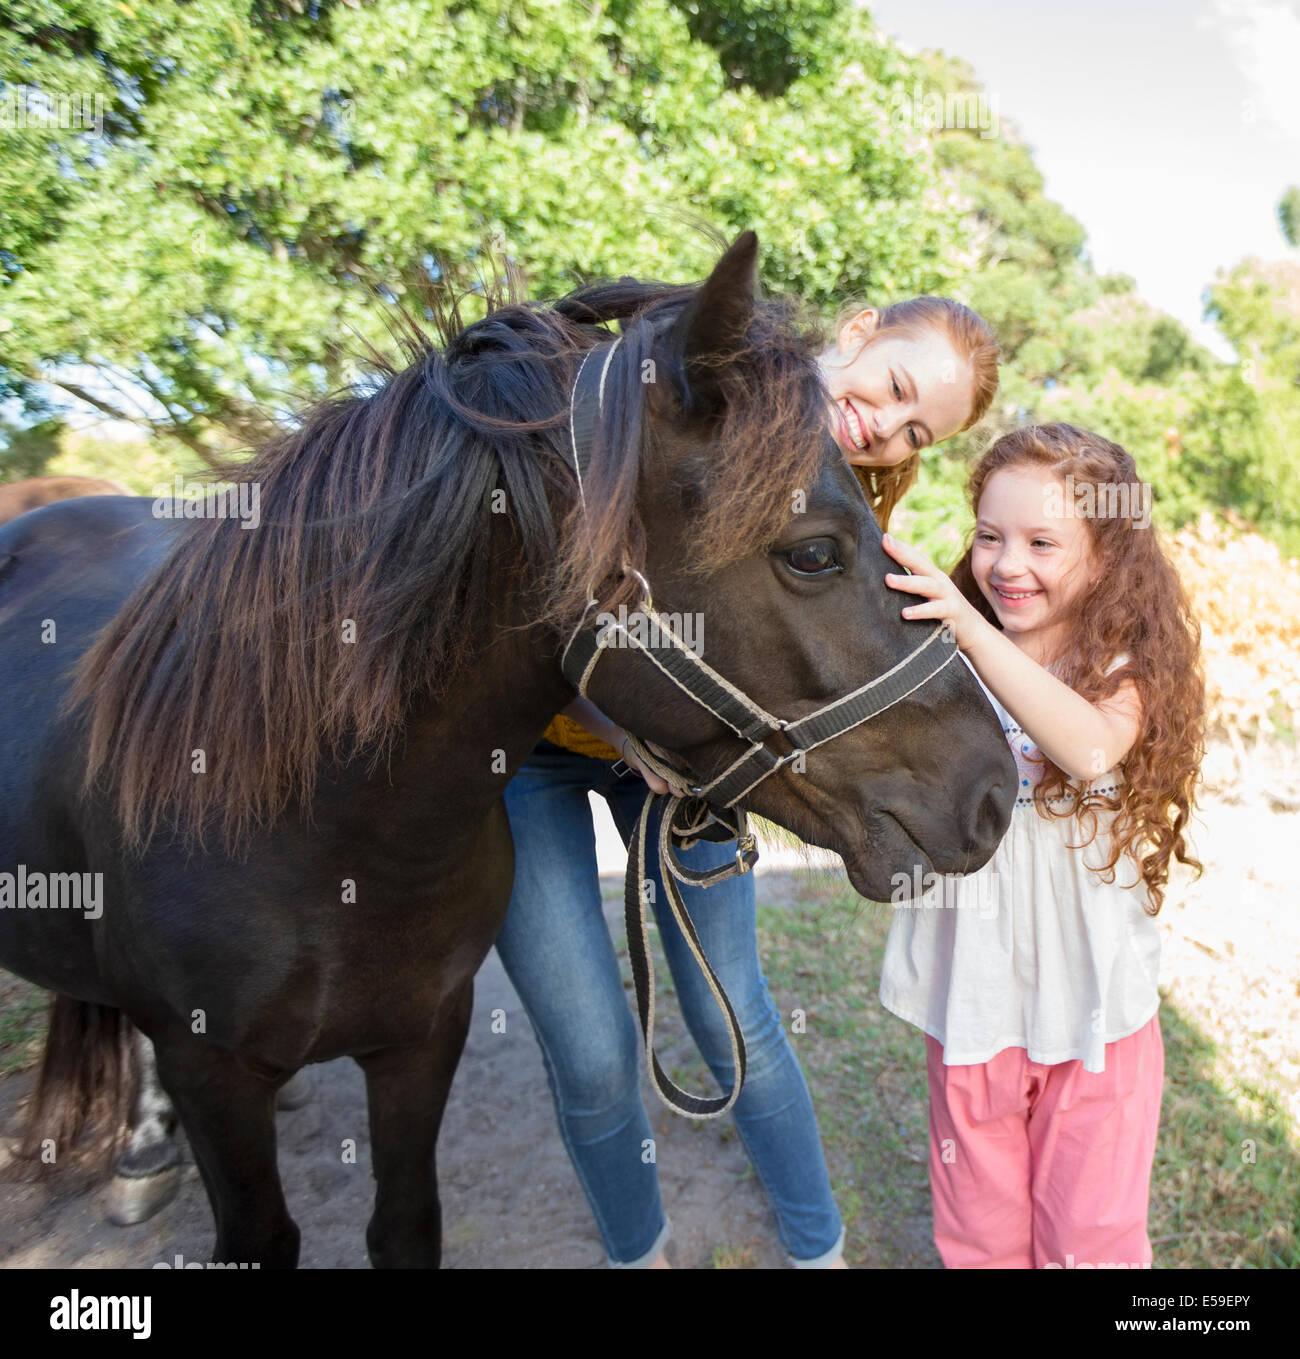 Madre e figlia petting cavallo all'aperto Immagini Stock